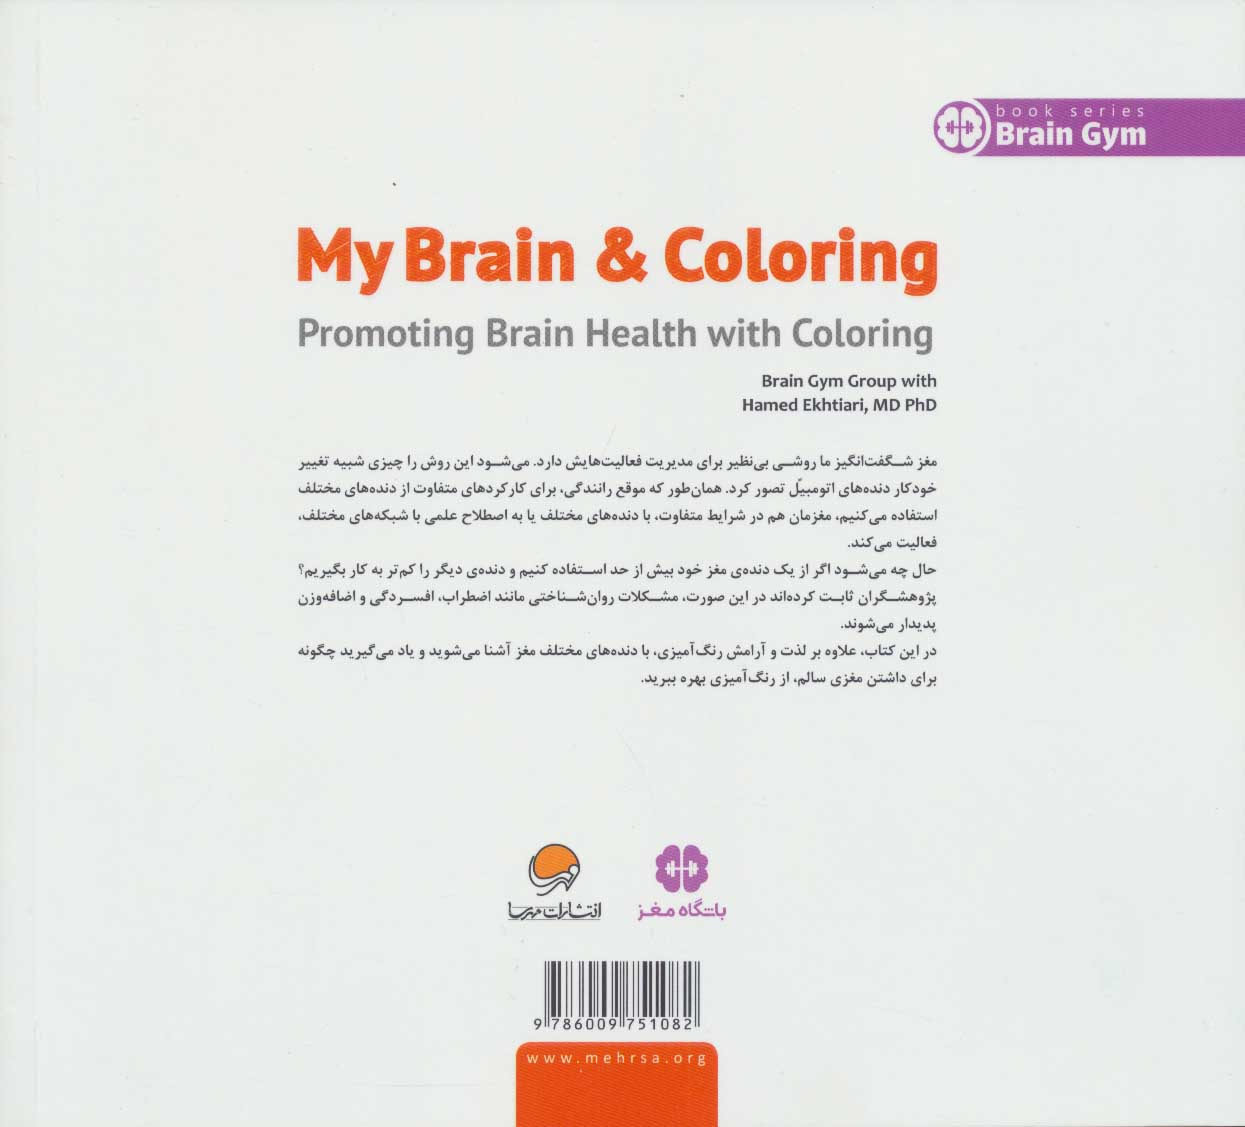 مغز من و رنگ آمیزی (سلامت مغز با رنگ ها:باشگاه مغز)